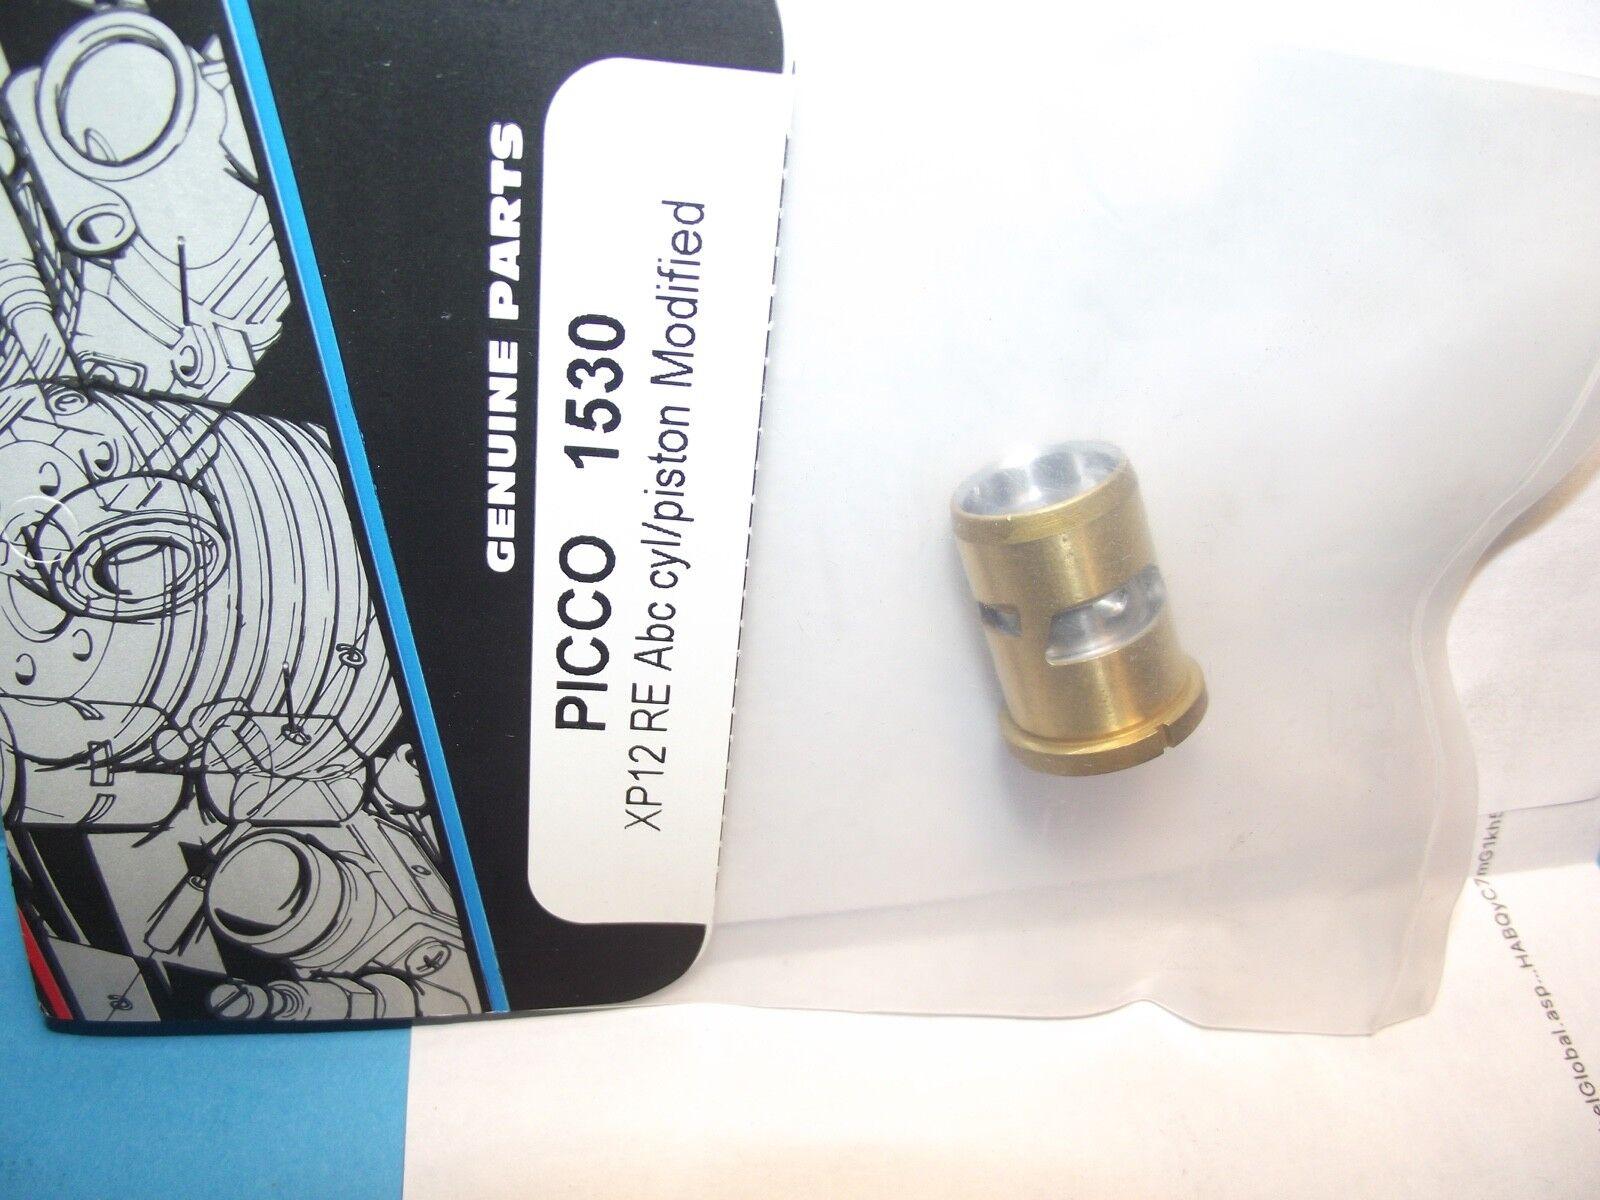 Picco 1530 Abc XP12 RE Cyl  PISTONE MODIFICATO  vendite online